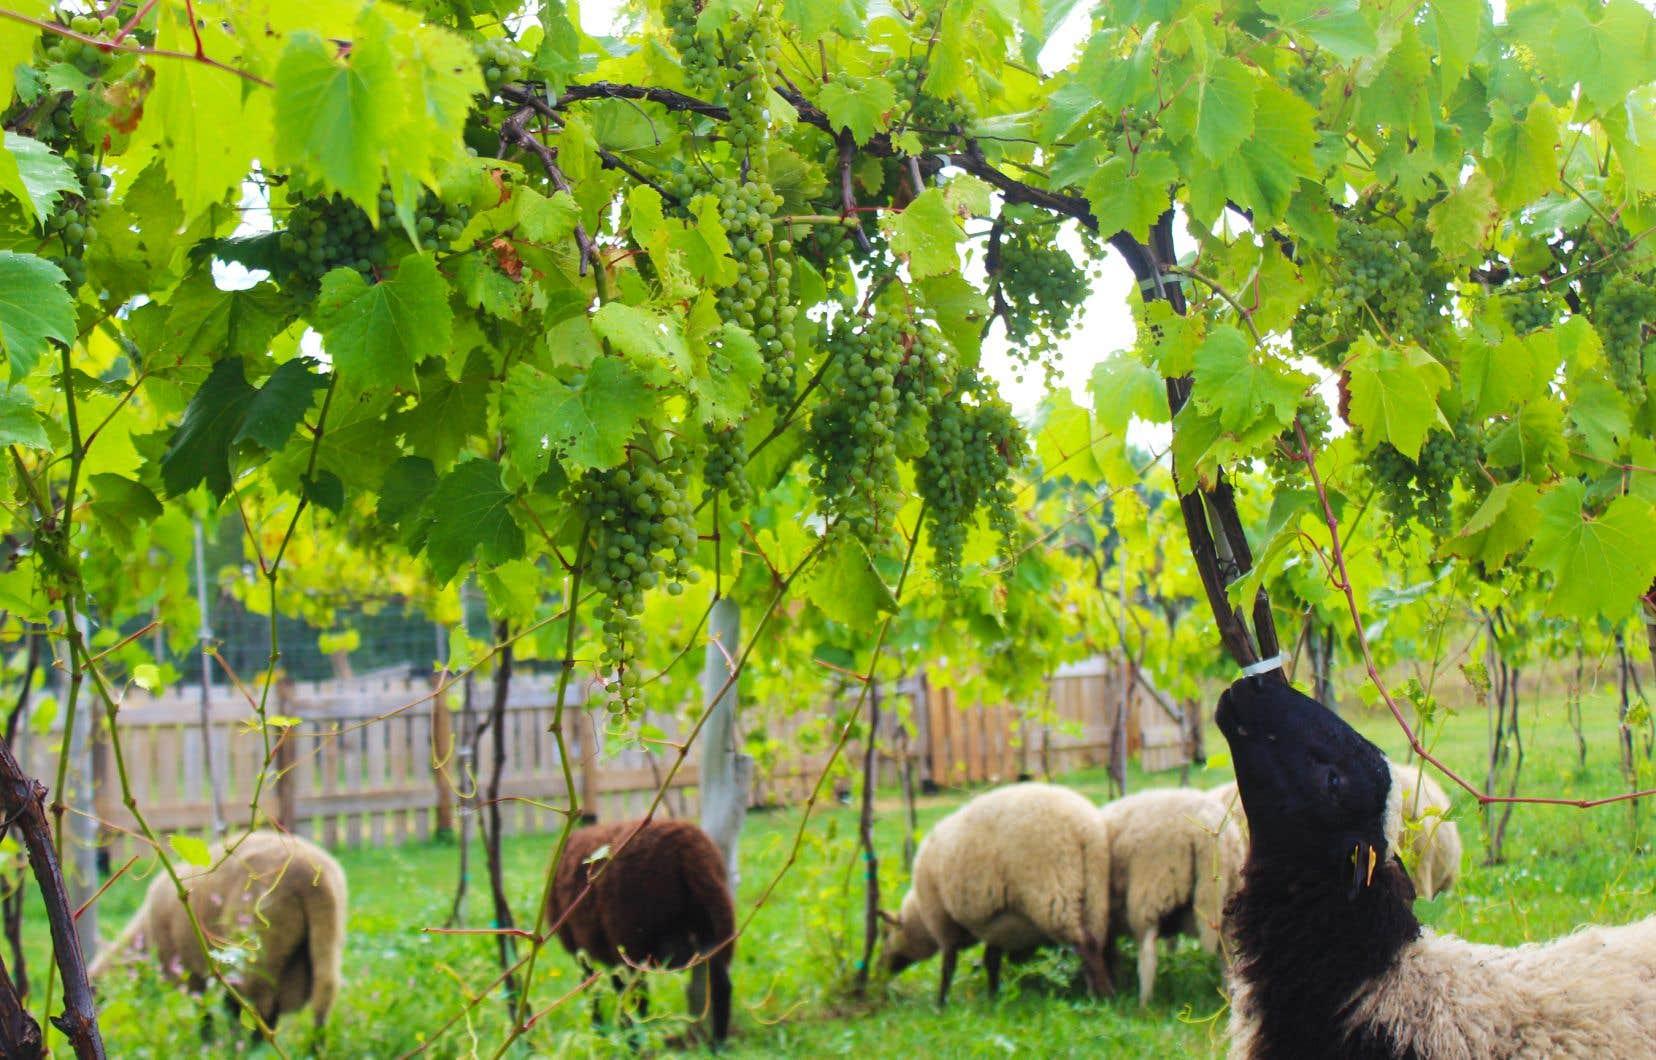 «Tout était à faire. On découvrait la vigne et la production de vin. On faisait naître un métier, une industrie», se souvient Simon Naud, propriétaire du Vignoble La Bauge, dont le père a planté en 1986 les premières vignes.